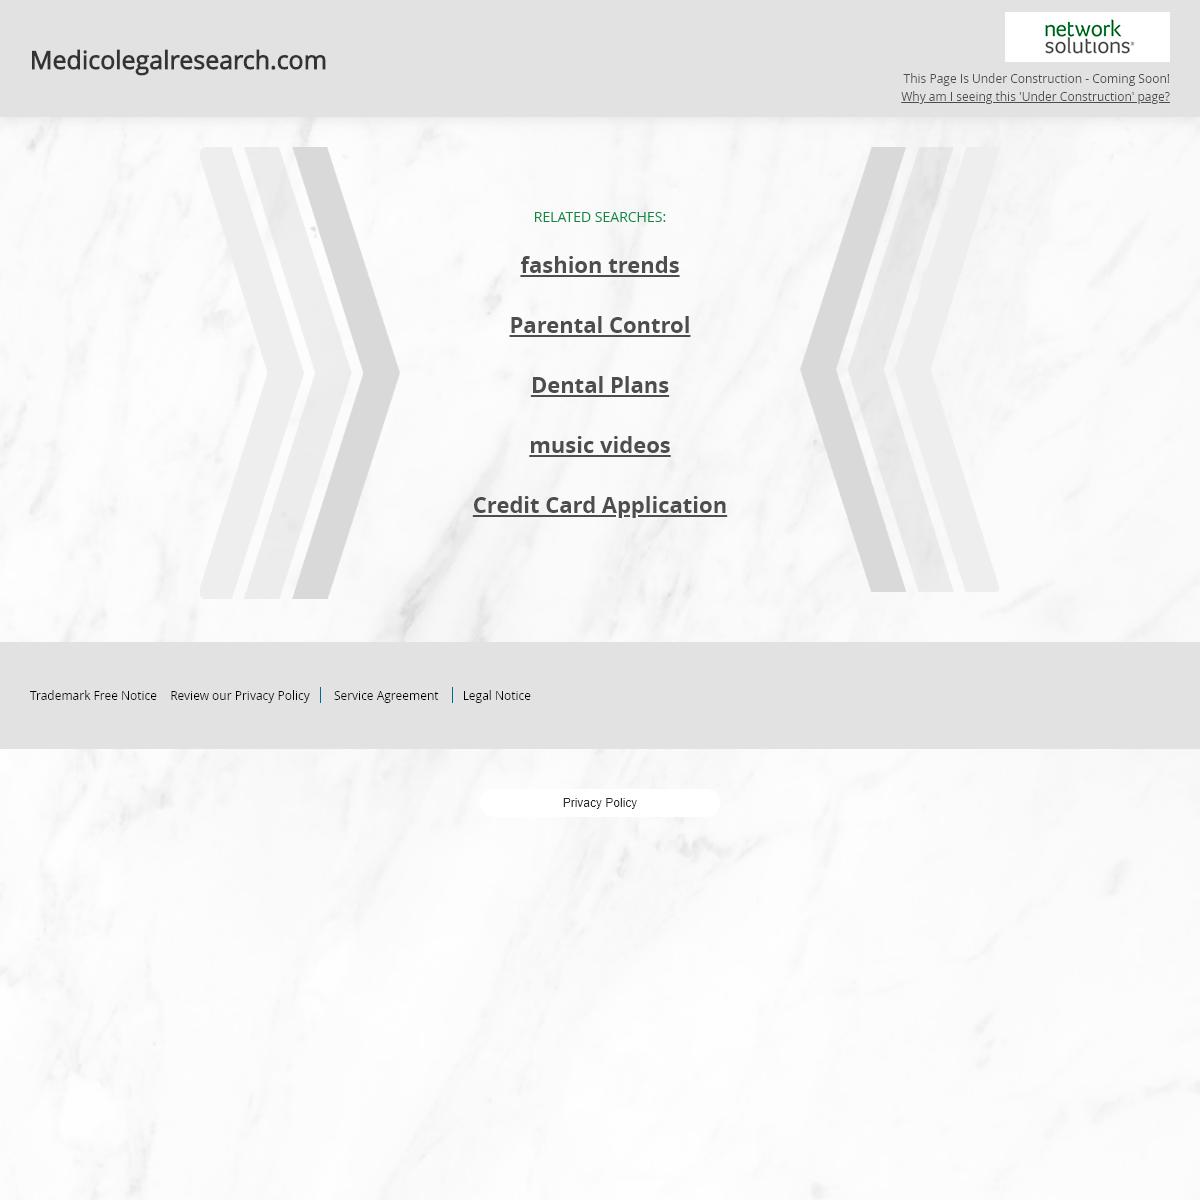 Medicolegalresearch.com